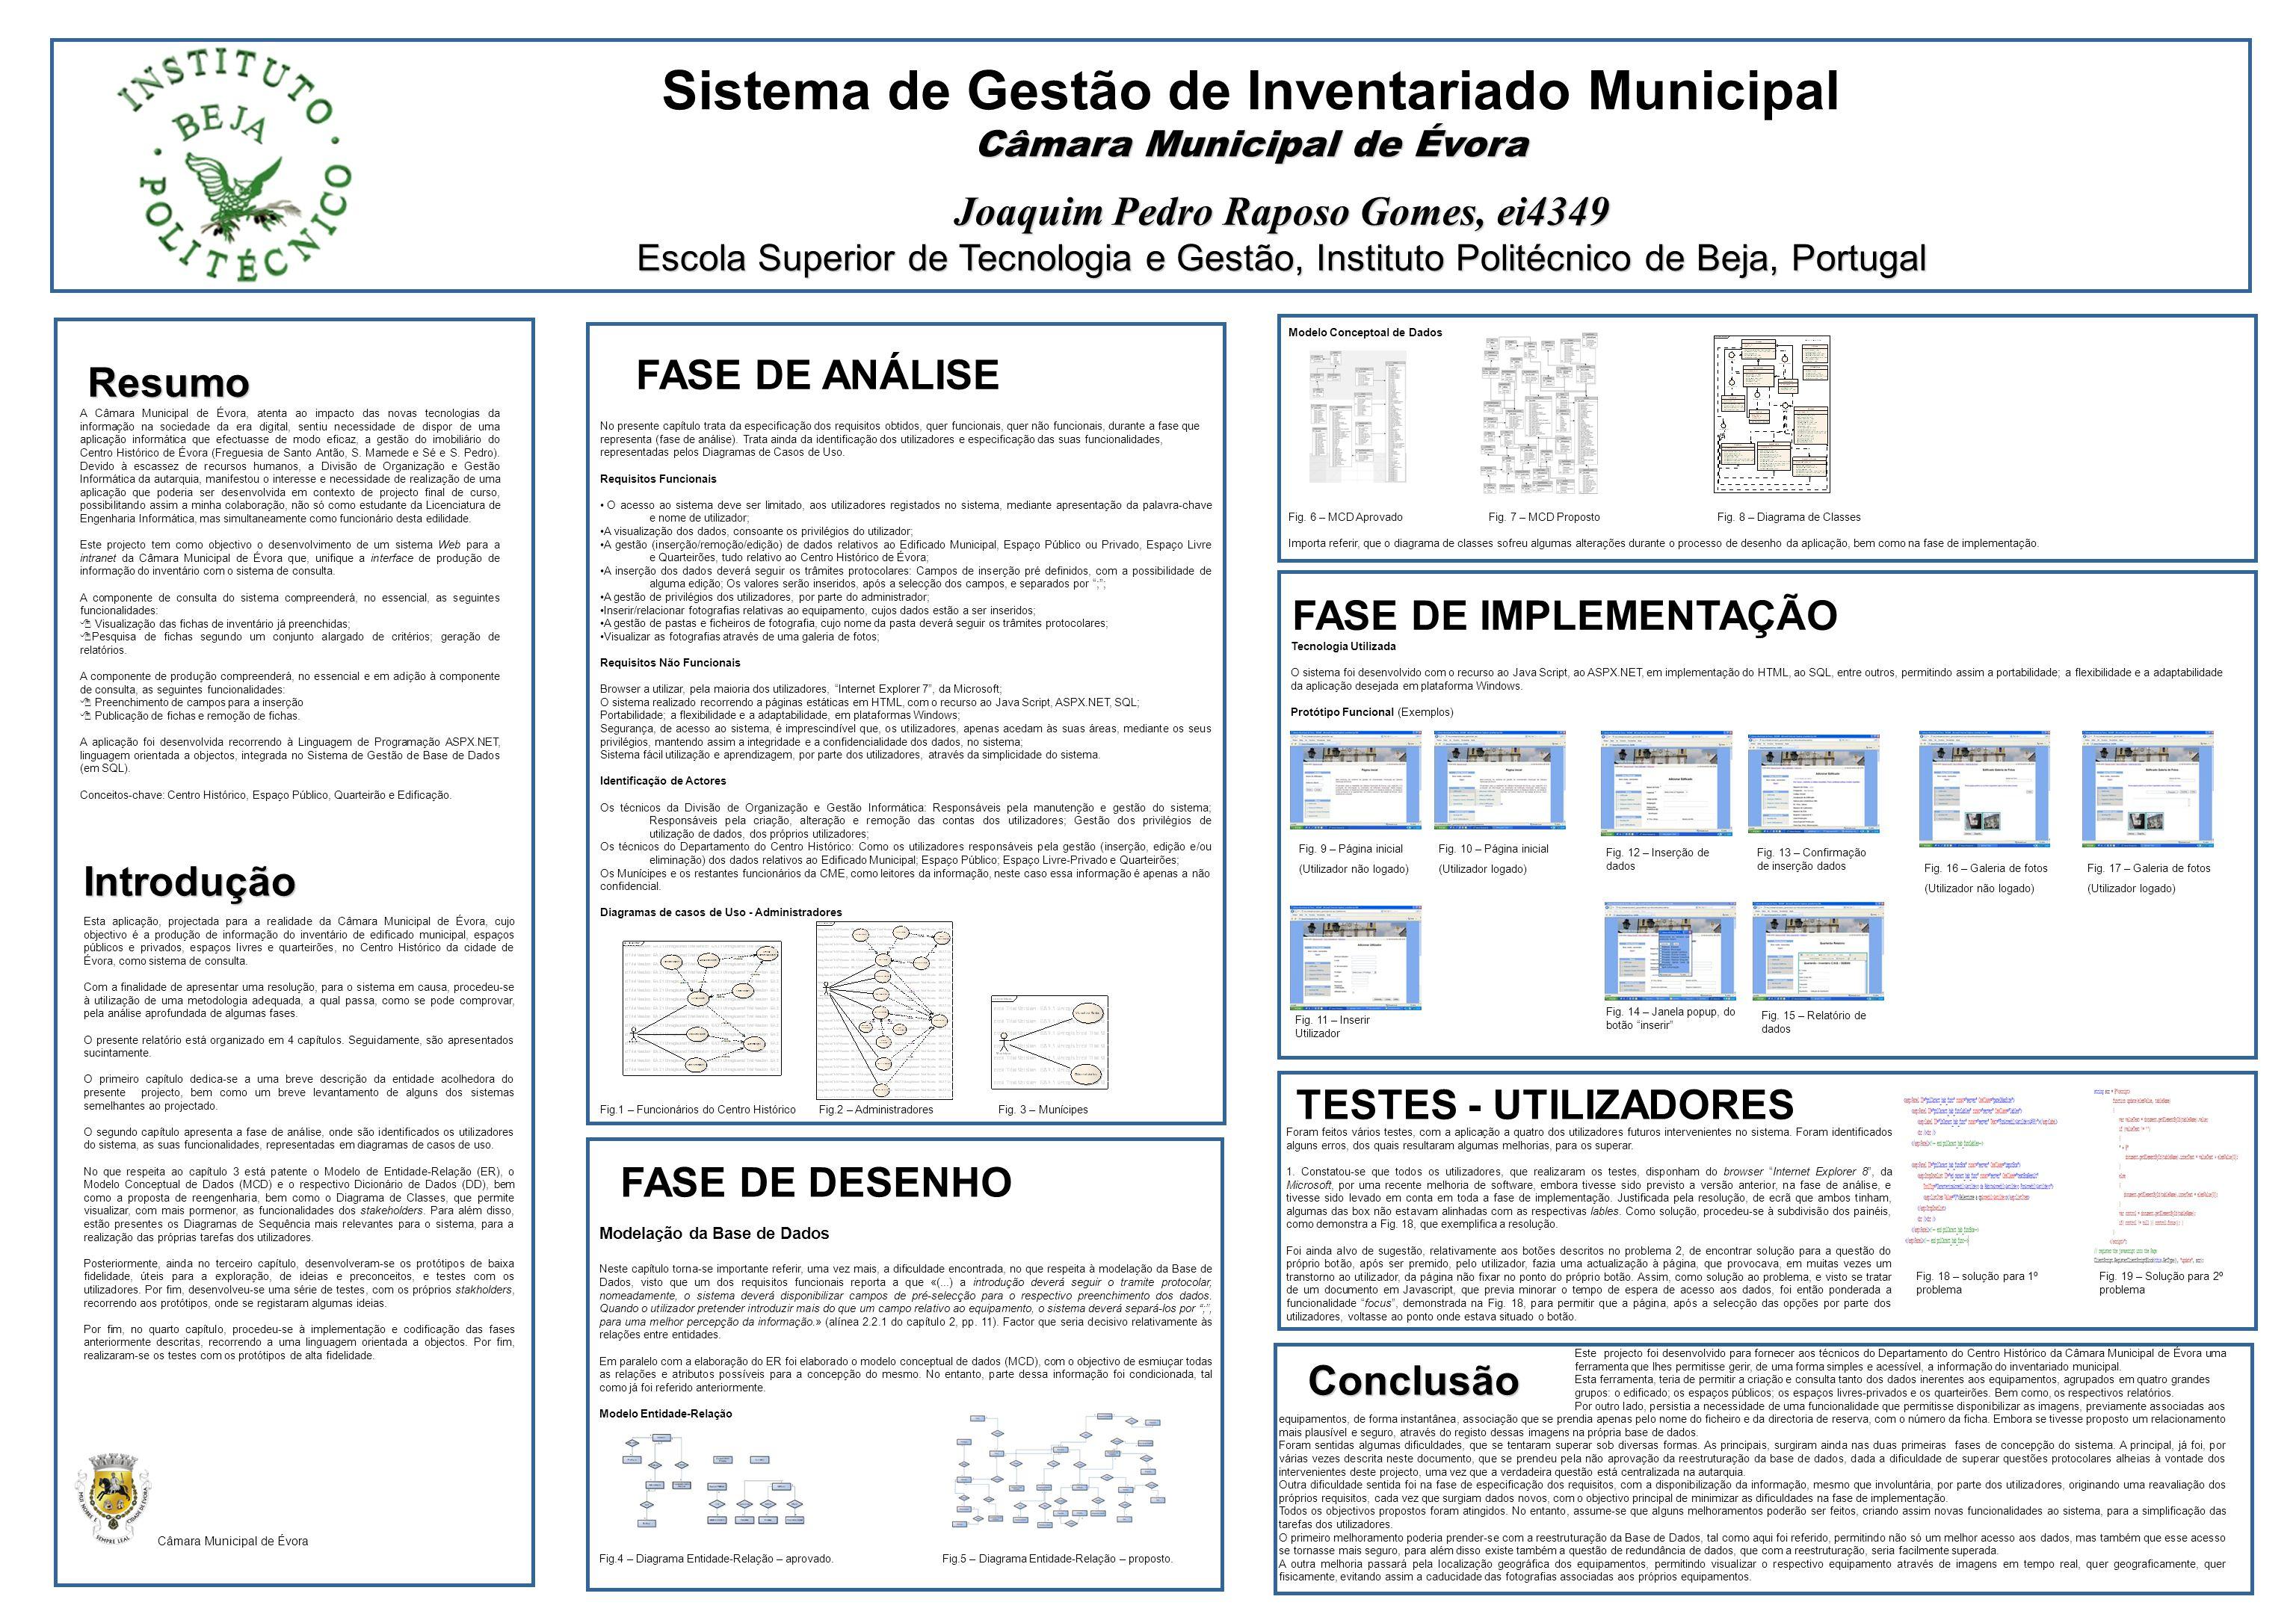 Resumo Sistema de Gestão de Inventariado Municipal Câmara Municipal de Évora Joaquim Pedro Raposo Gomes, ei4349 Escola Superior de Tecnologia e Gestão